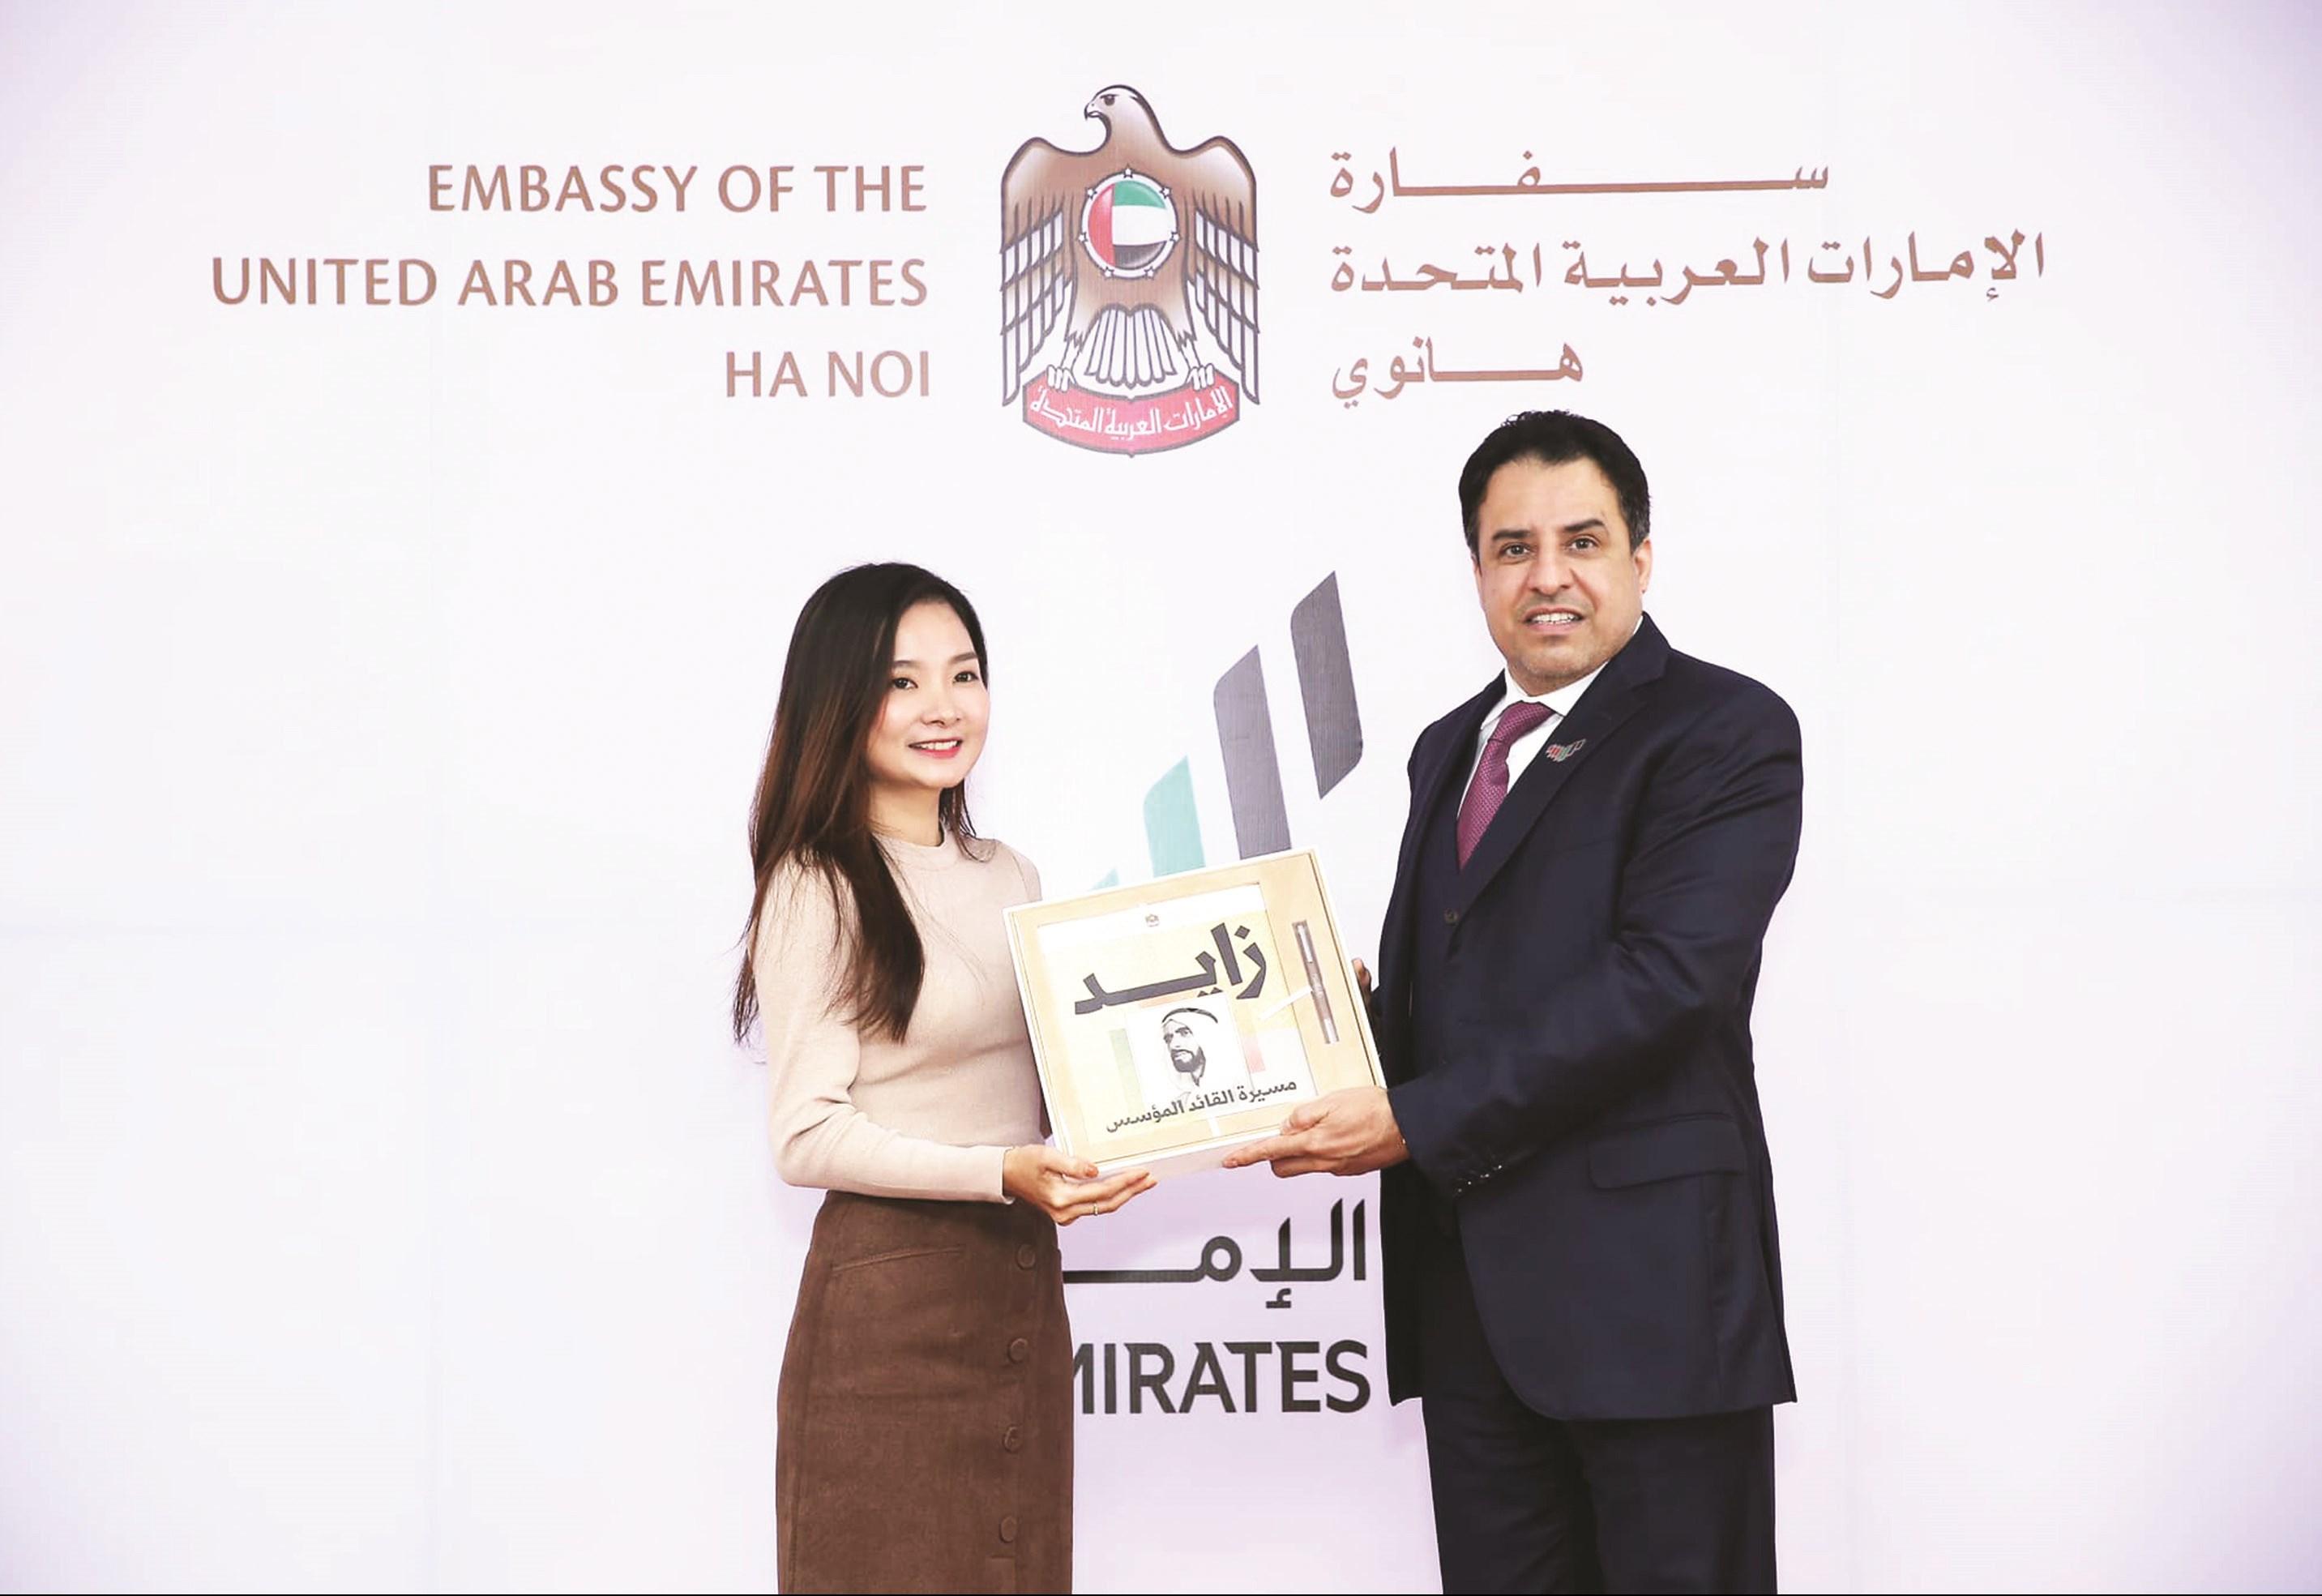 Đại sứ UAE tại Việt Nam trao quà cho Phạm Thị Thùy Vân nhân Lễ kỷ niệm Ngày Quốc tế tiếng Ả Rập 18/12.